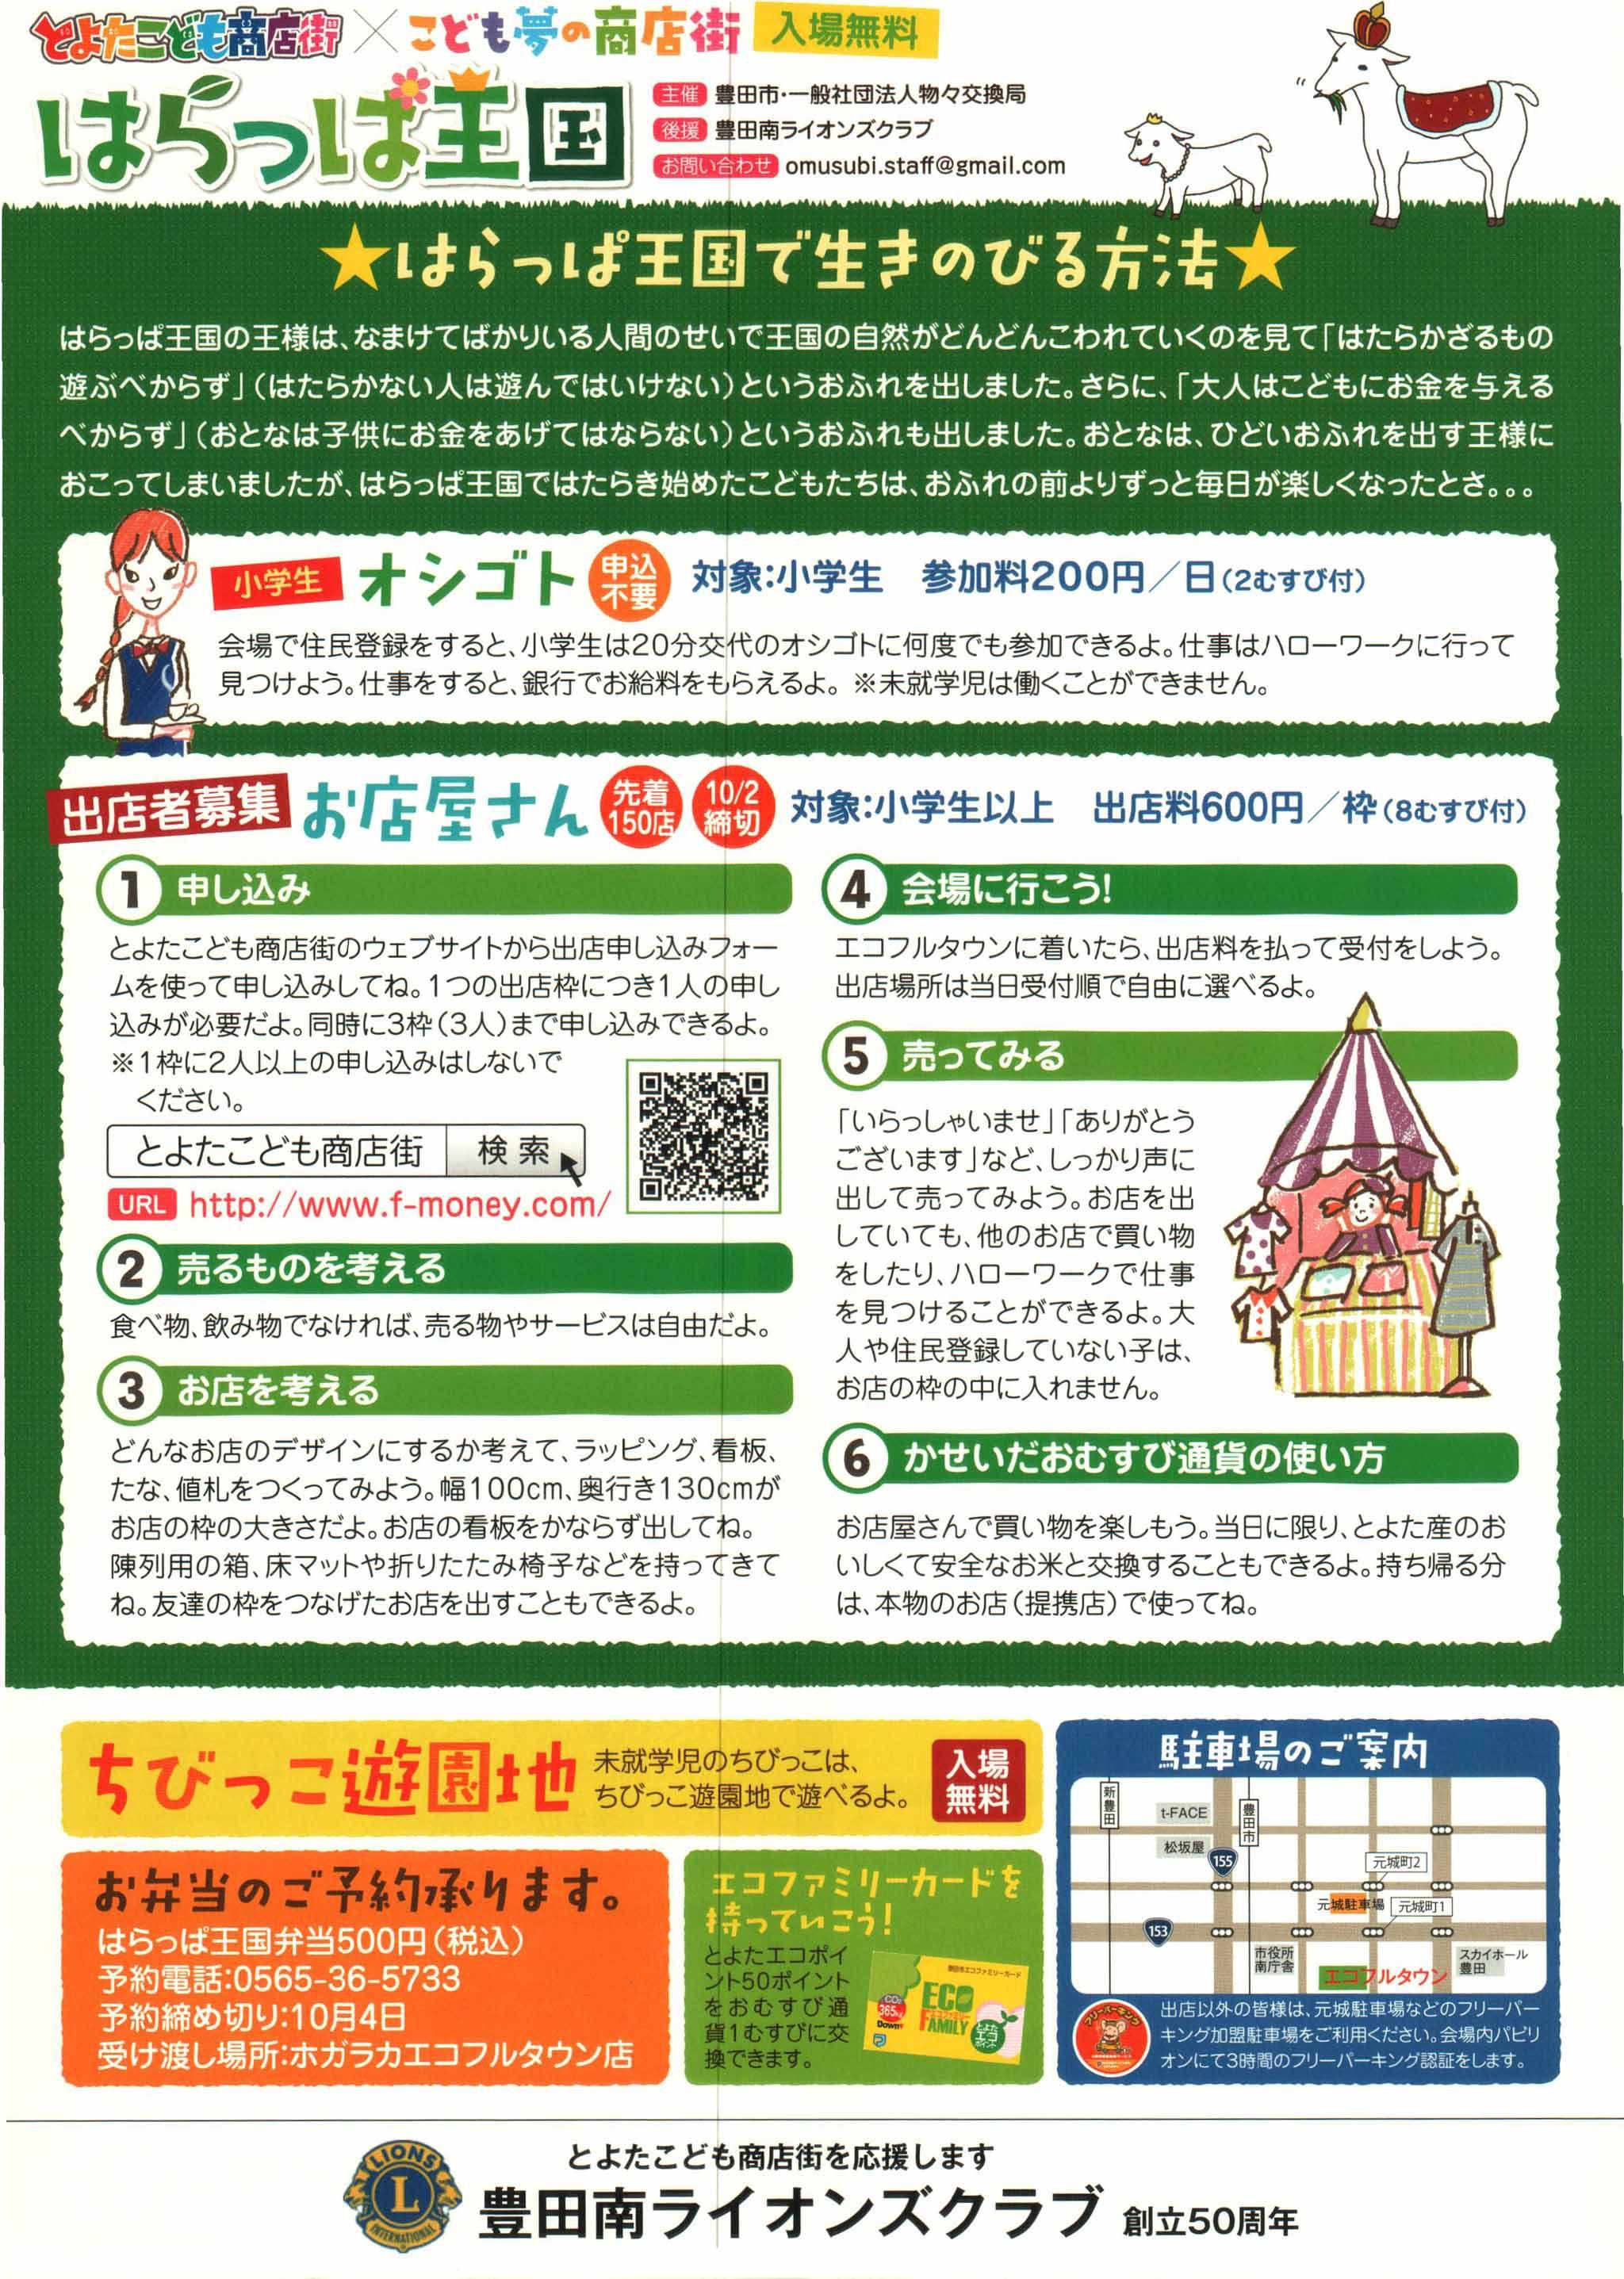 とよたこども商店街~RAKUTO新聞(仮称)のお仕事を依頼しまーす(^^)/